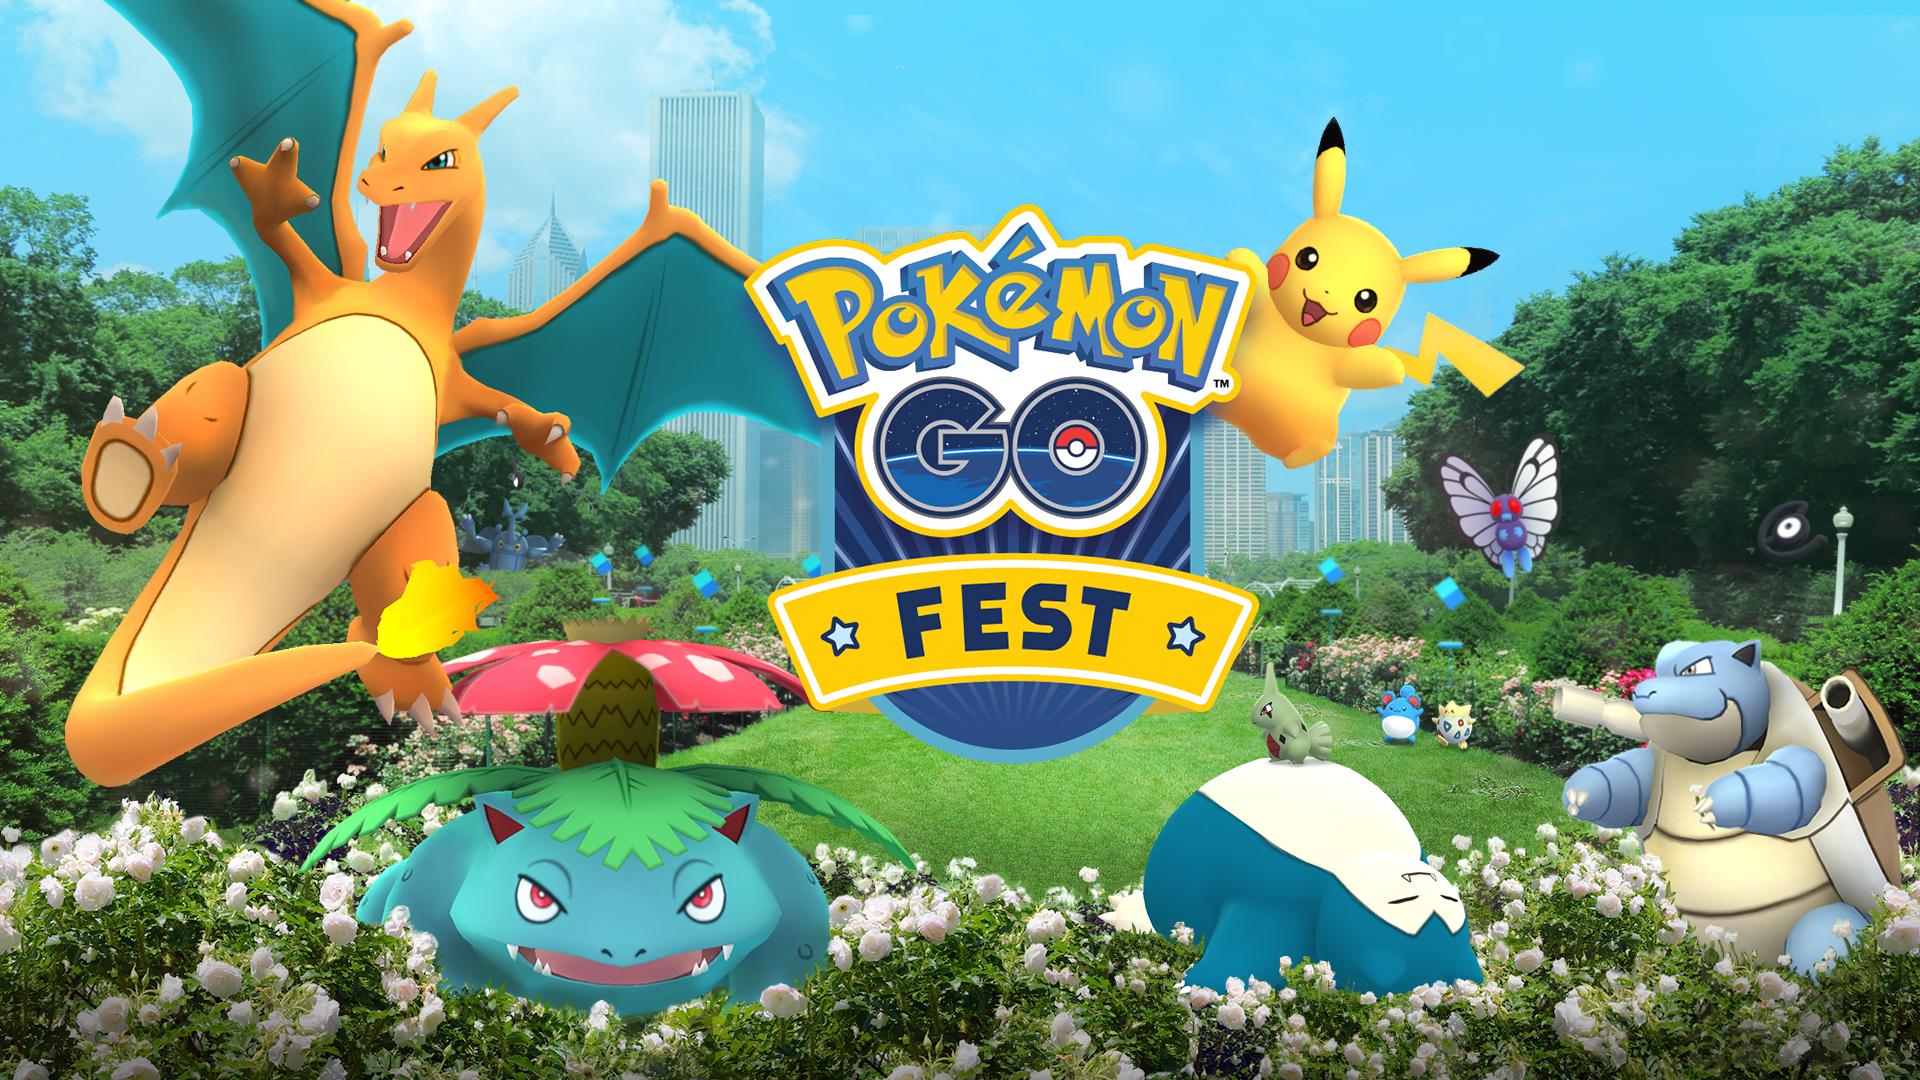 Pokémon GO: Events in der echten Welt – Los geht's in Chicago